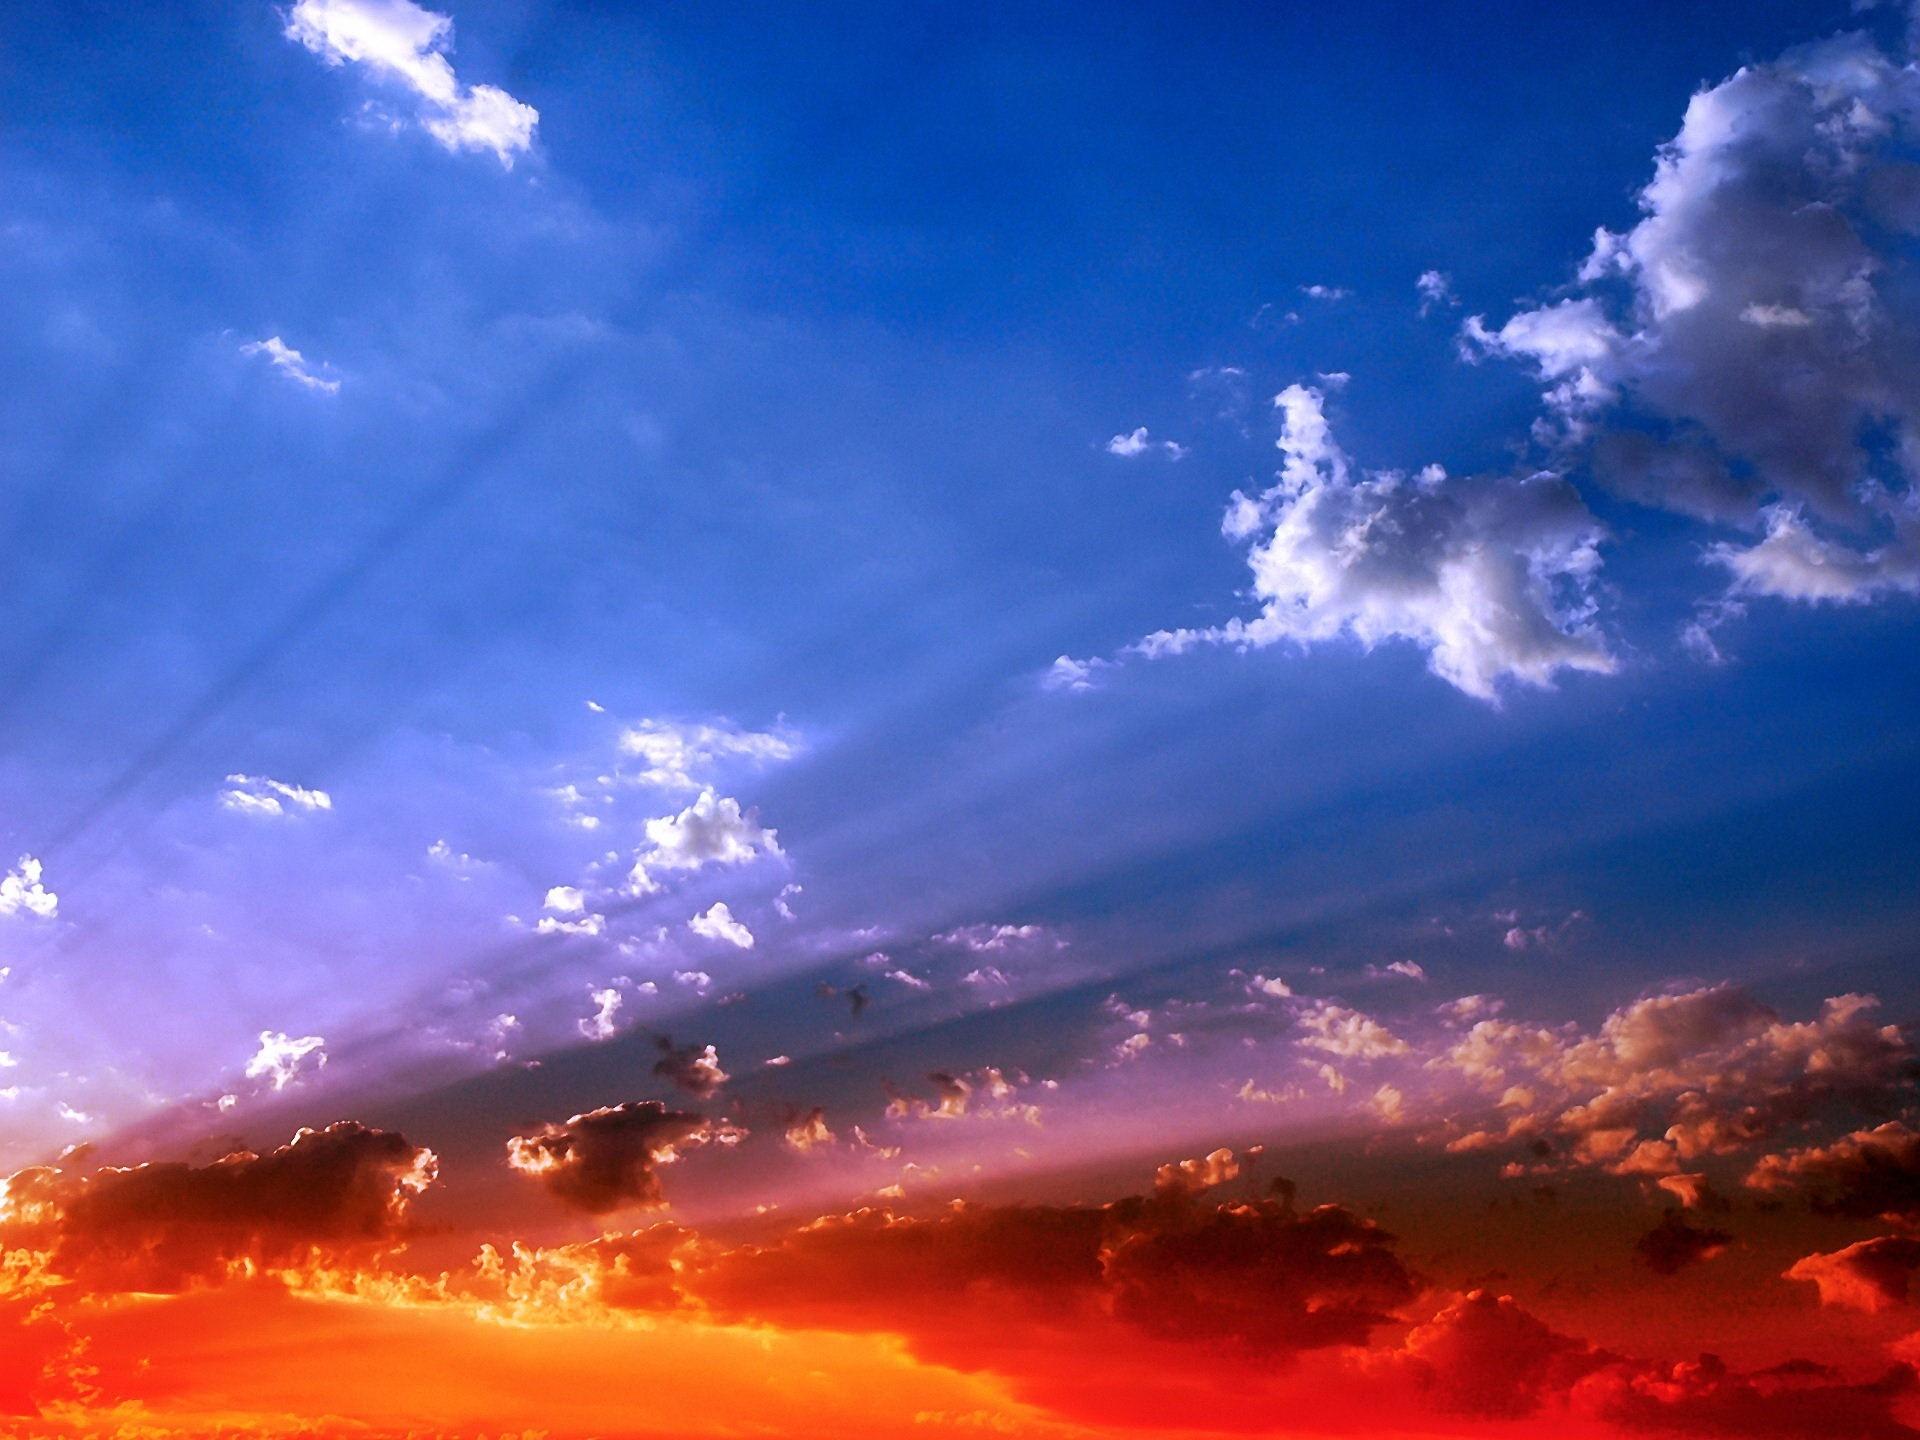 105165壁紙のダウンロード自然, スカイ, ビーム, 光線, 輝く, 光, オレンジ, 青い, 明るく, サン-スクリーンセーバーと写真を無料で